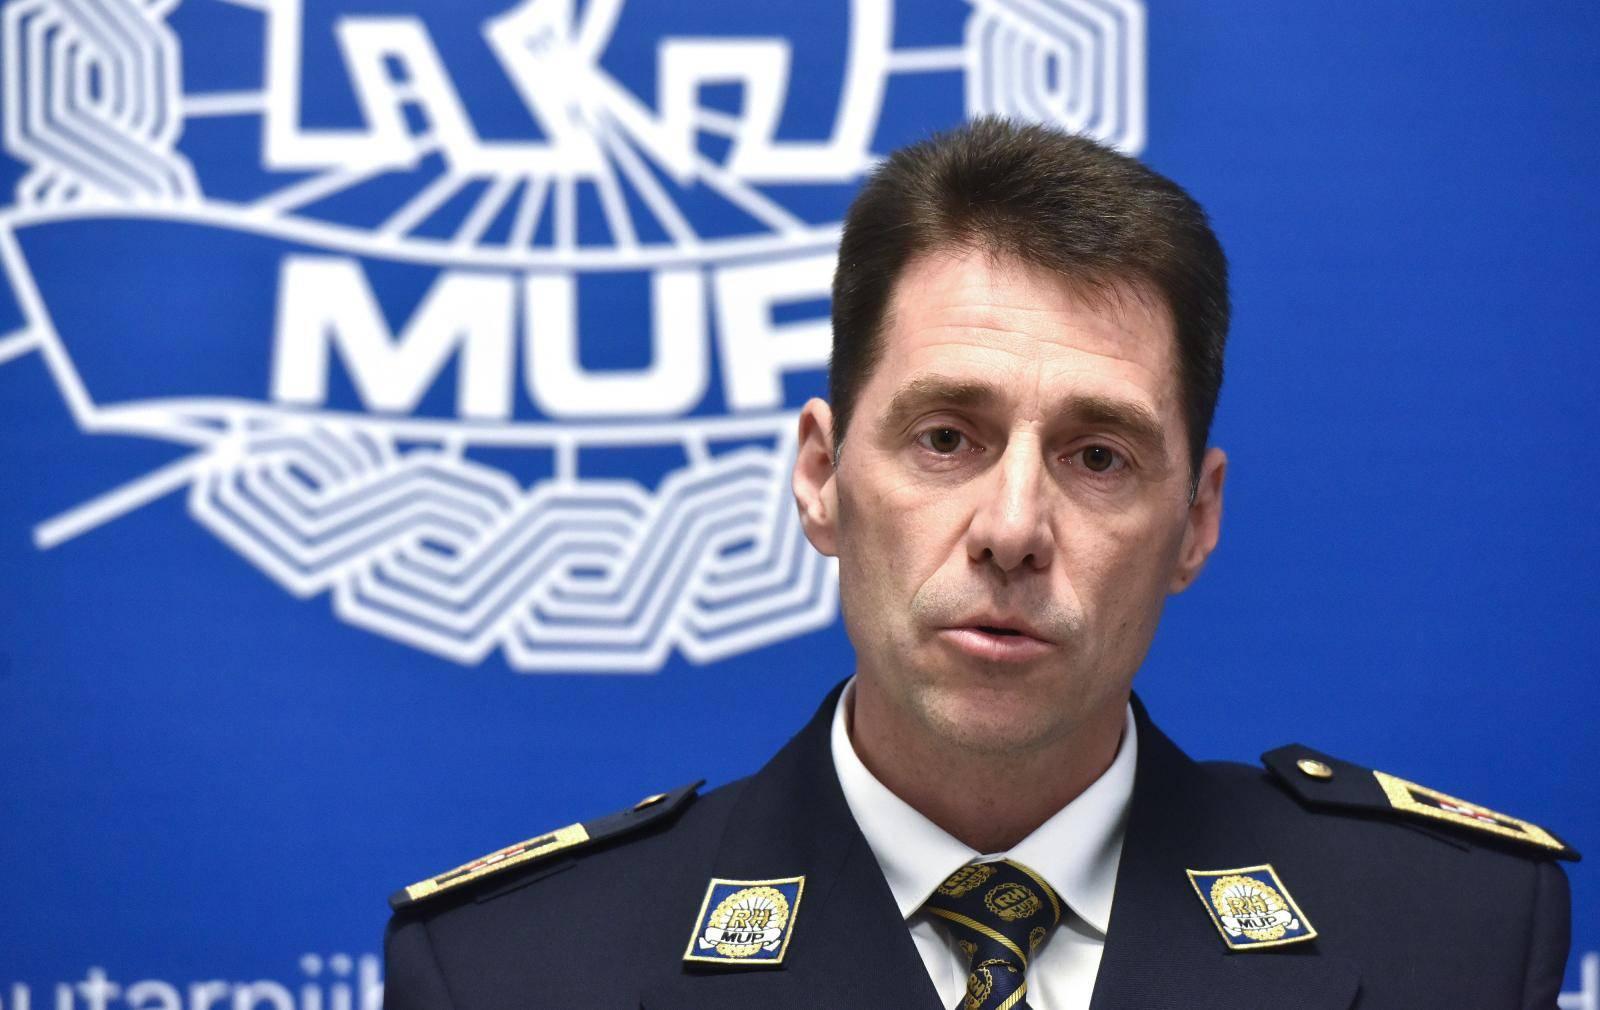 Zagreb: Zamjenik ravnatelja policije o osiguranju tijekom posjeta predsjednika Državnog vijeća NR Kine